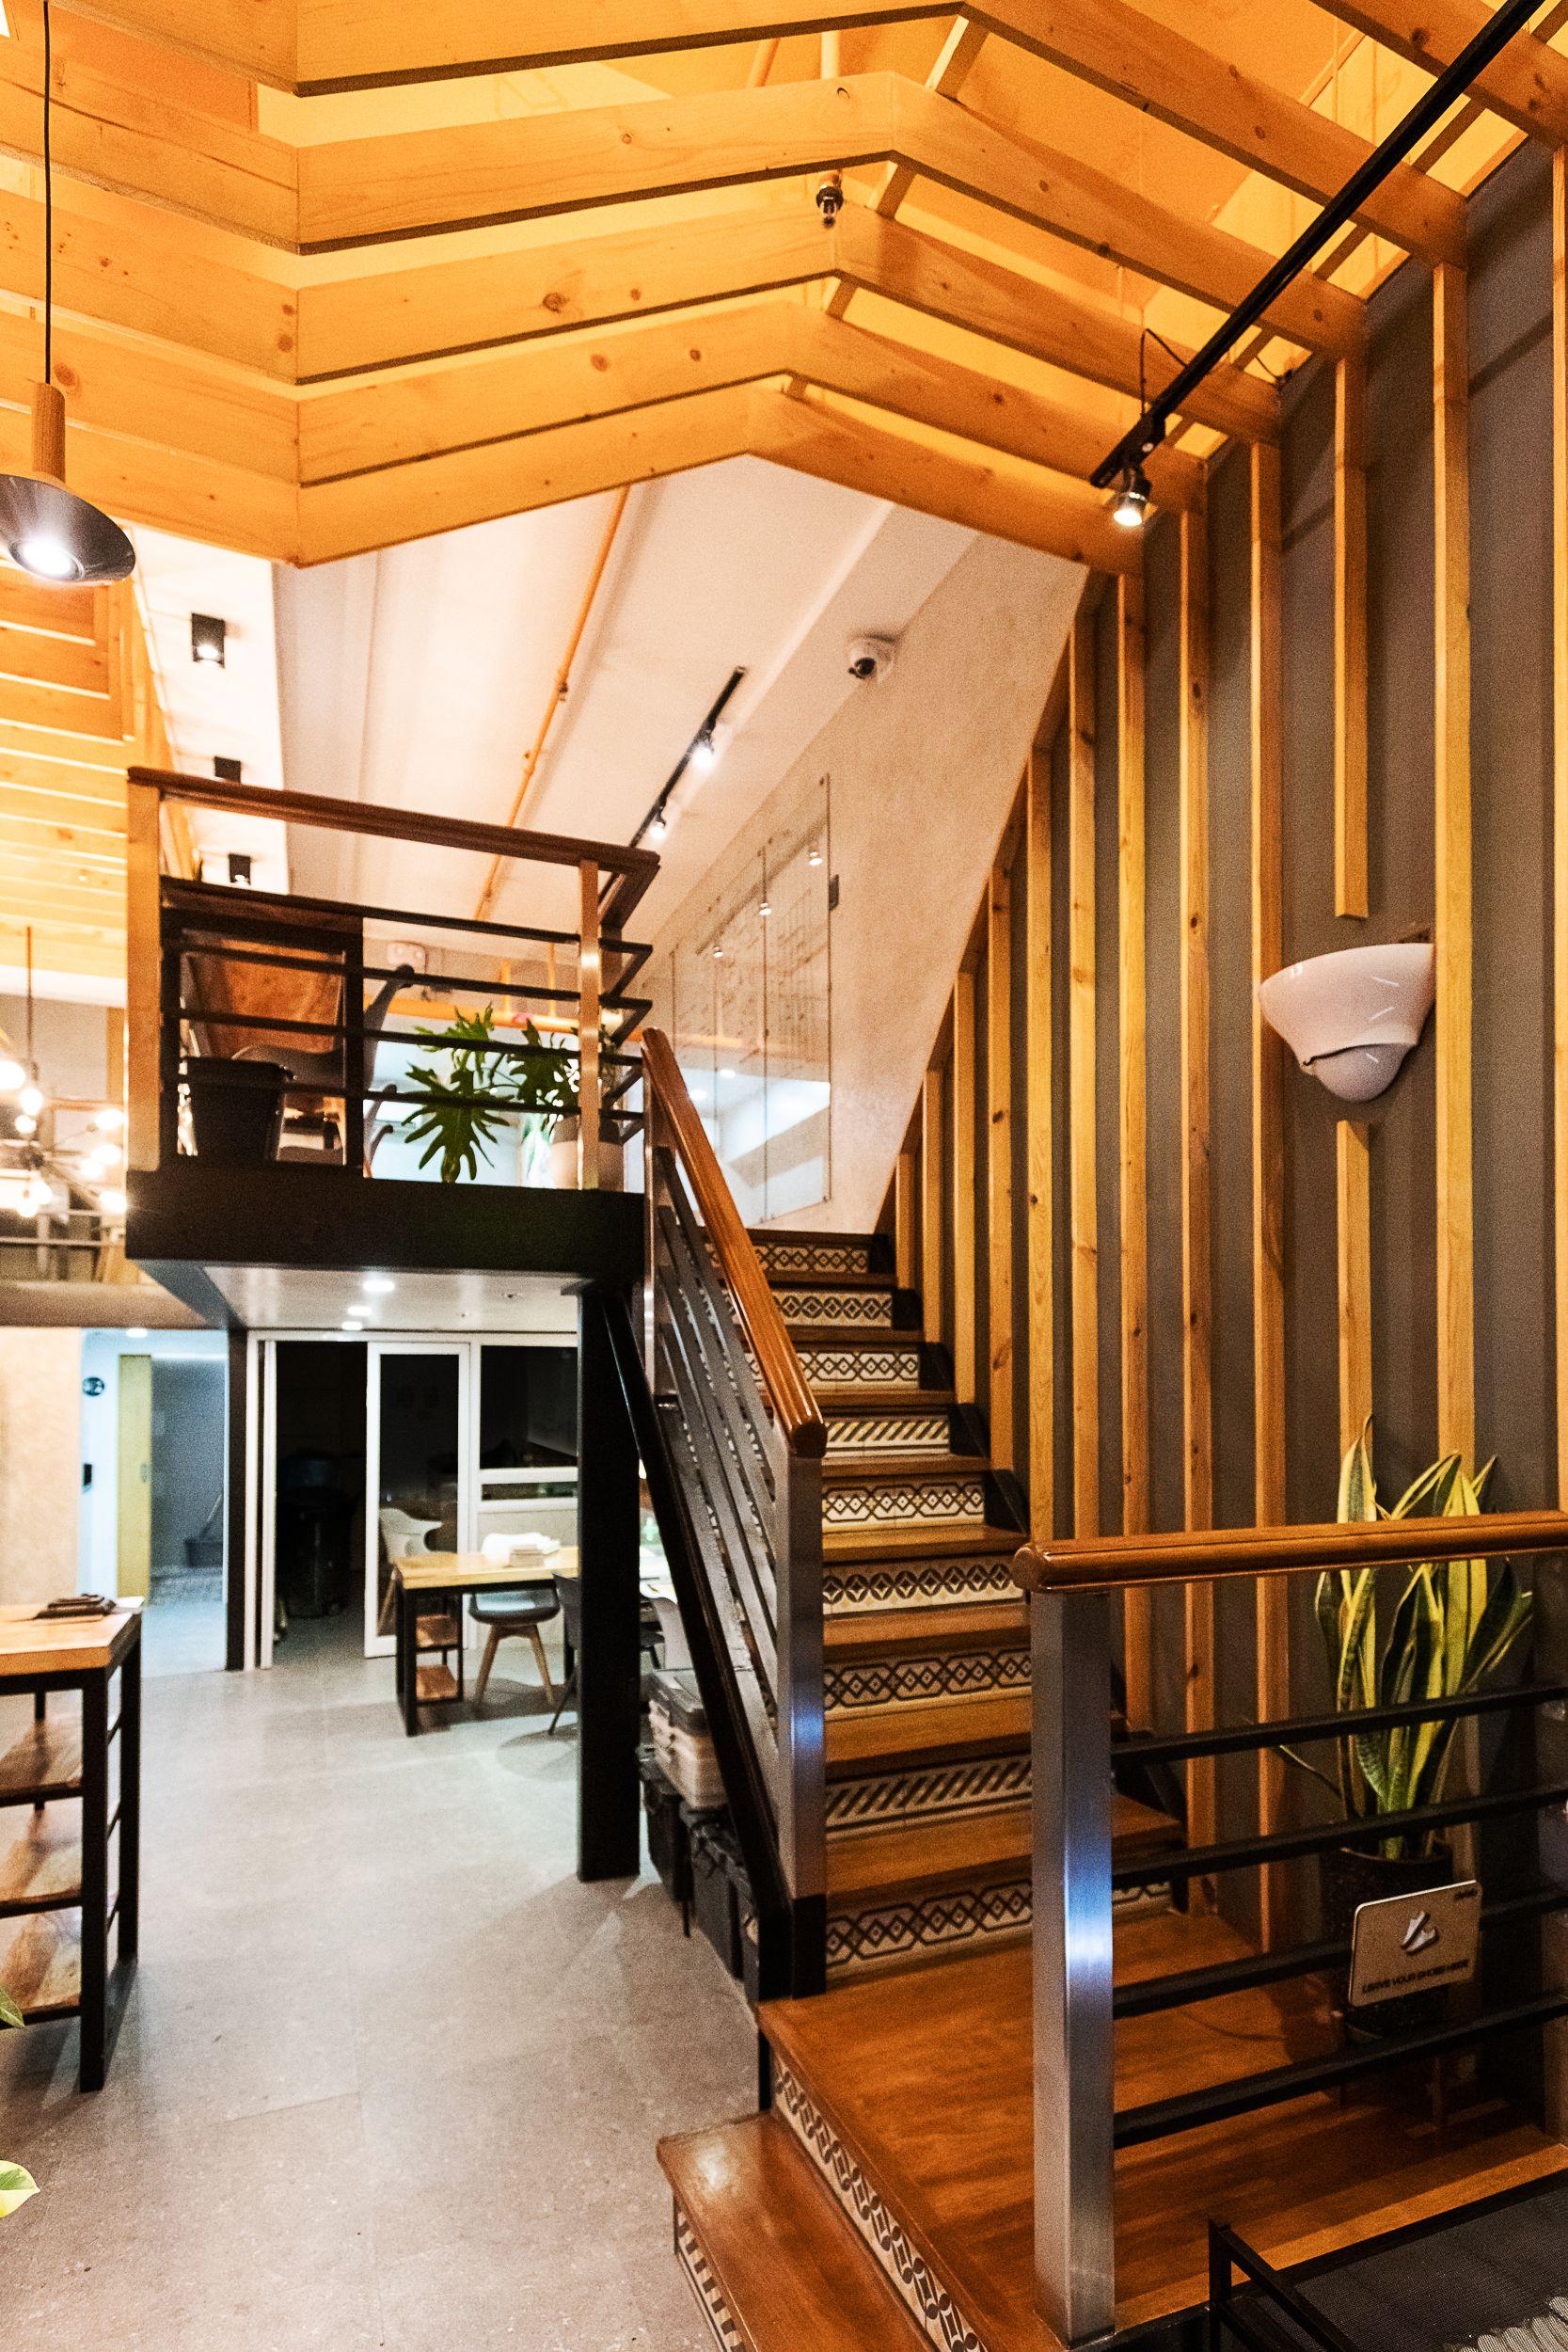 Creative Studio by Delab, Manila